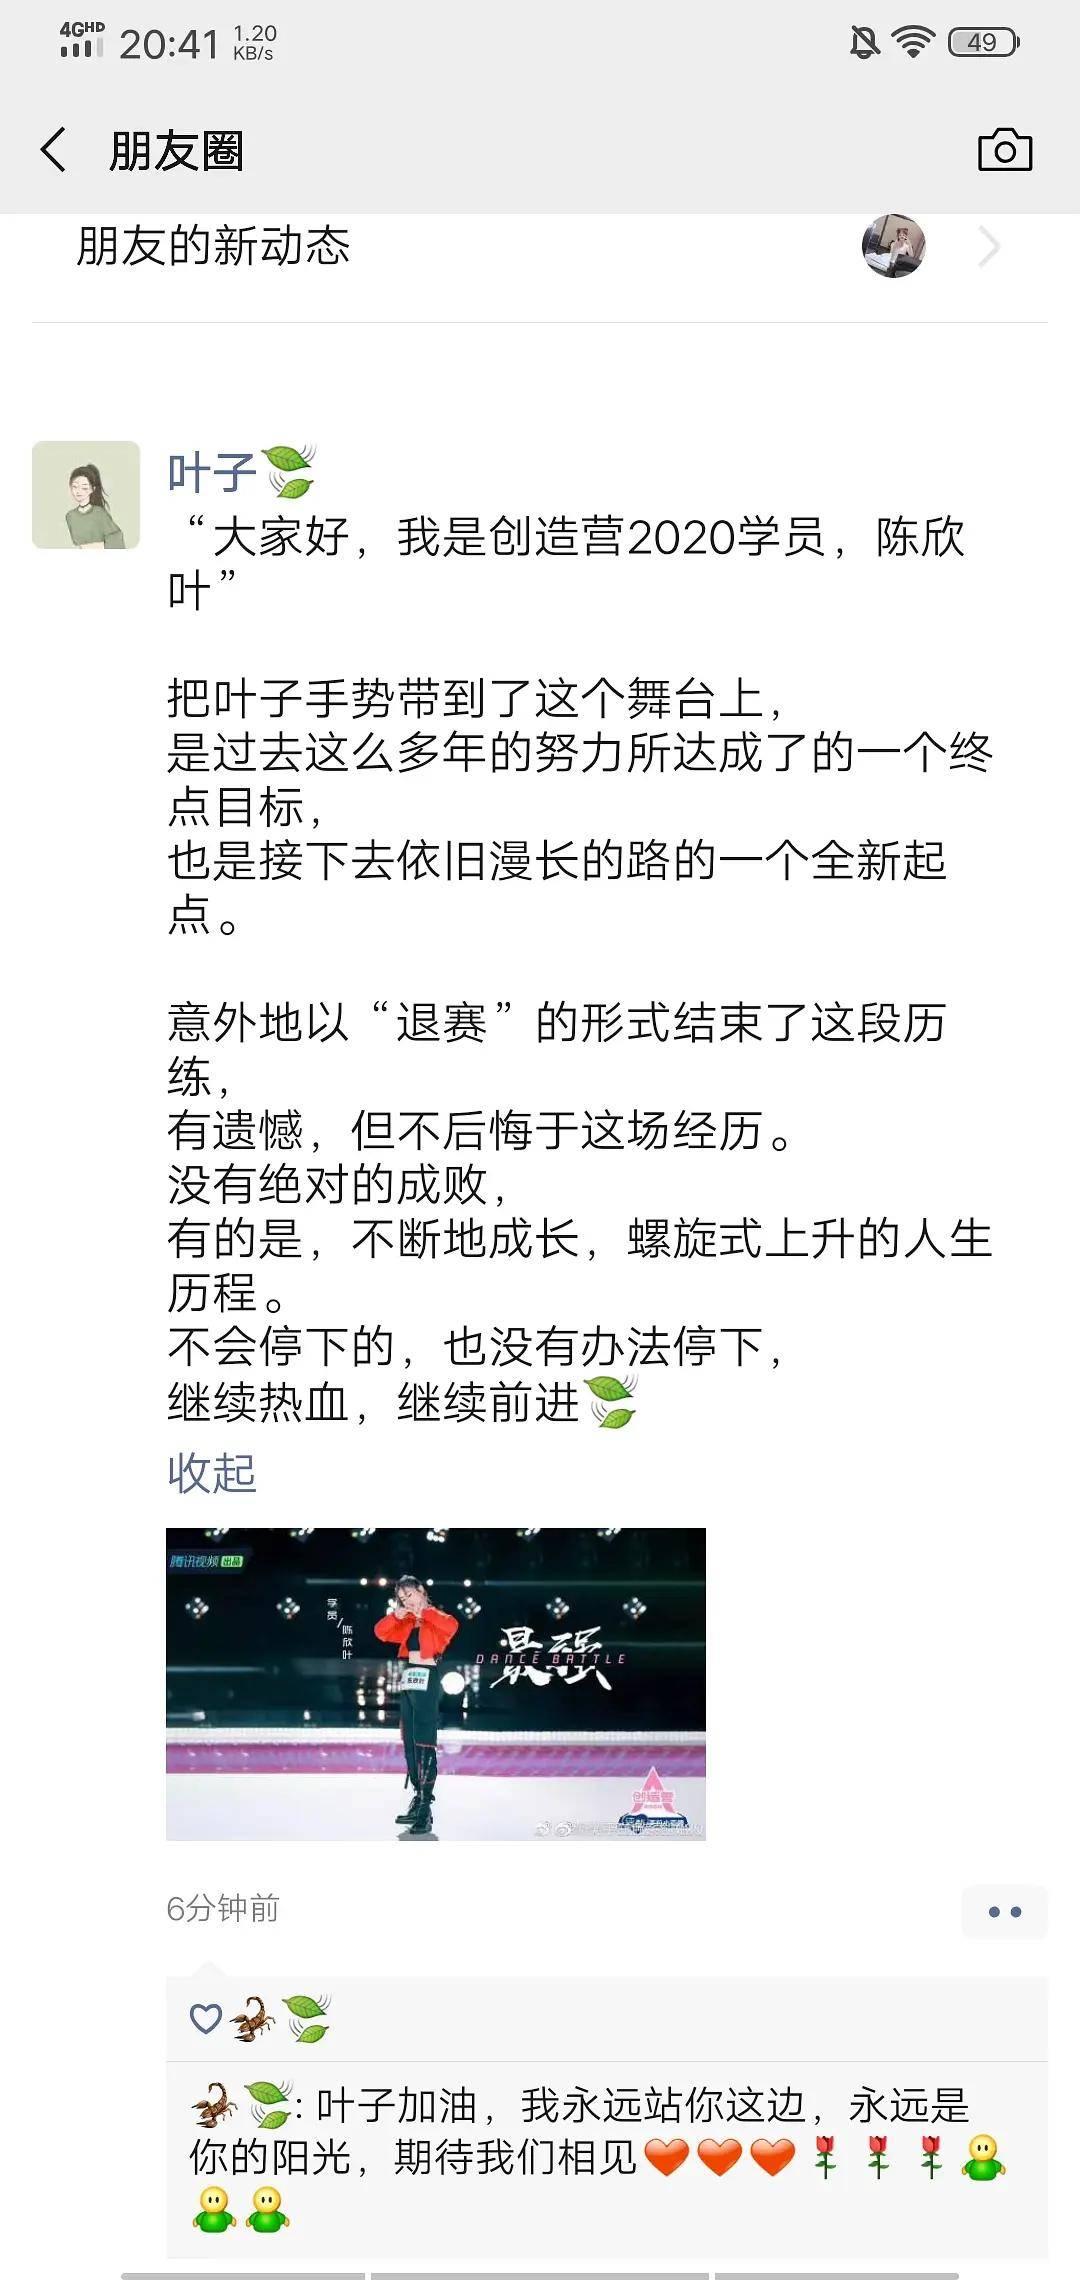 『钟欣』其他人在节目里演技在线《创造营2020》陈欣叶开锤剧本自己意外退赛